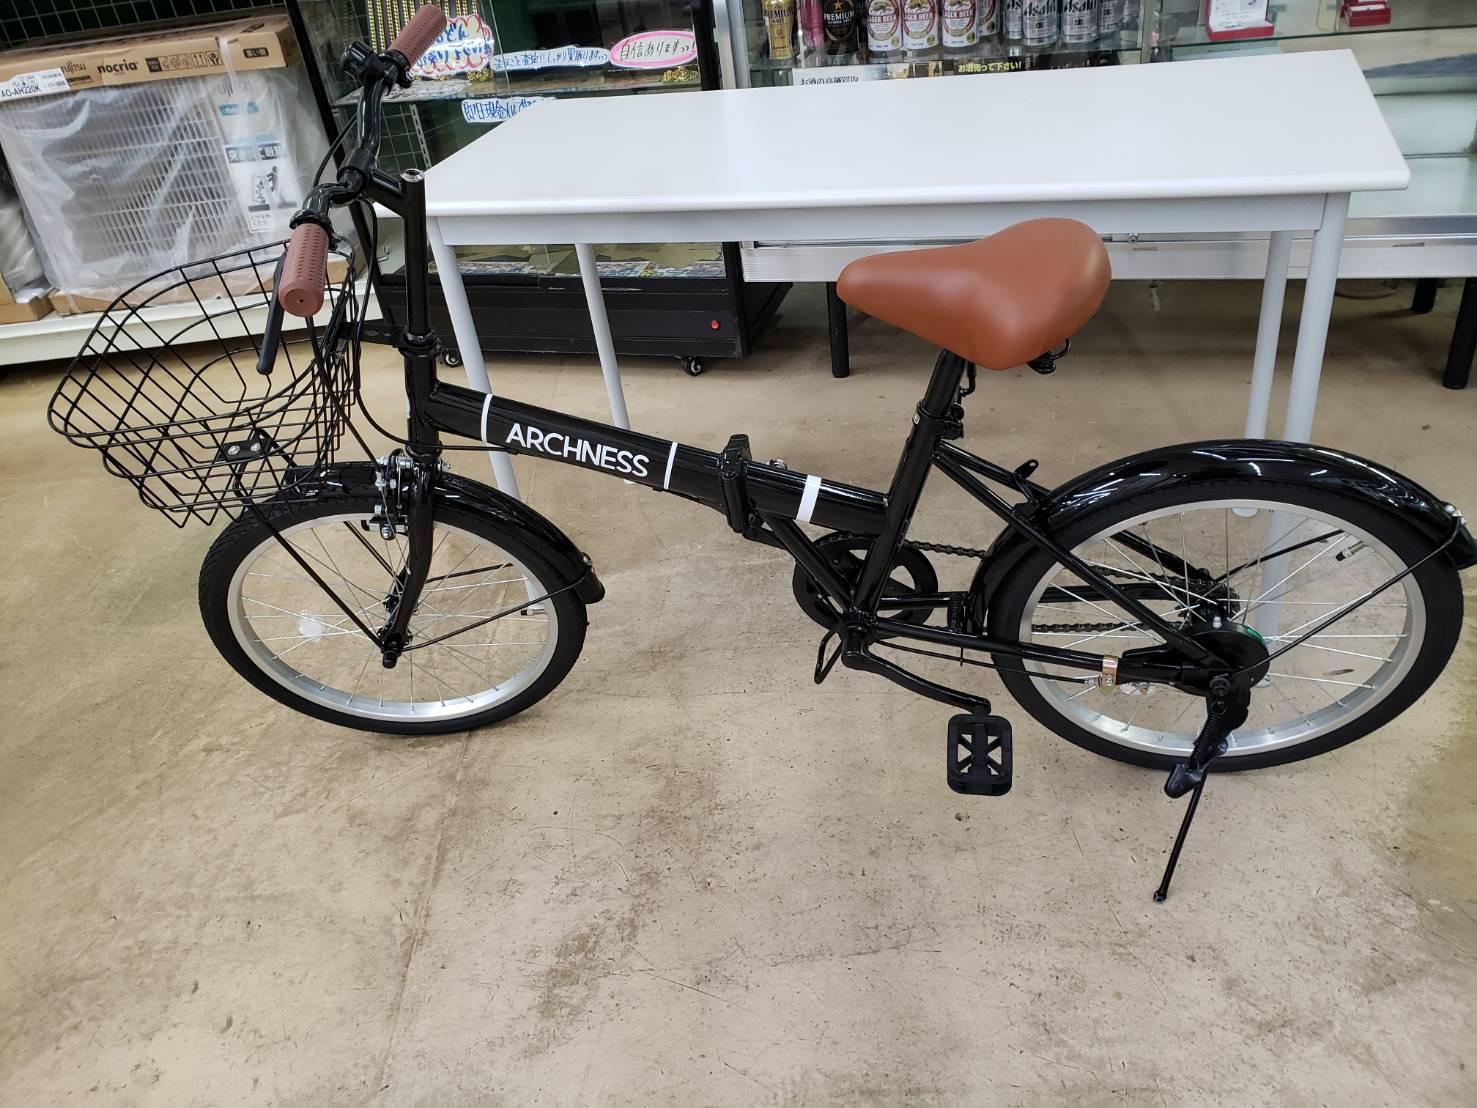 ARCHNESS 折り畳み自転車 極美品! 買取致しました!!の買取-